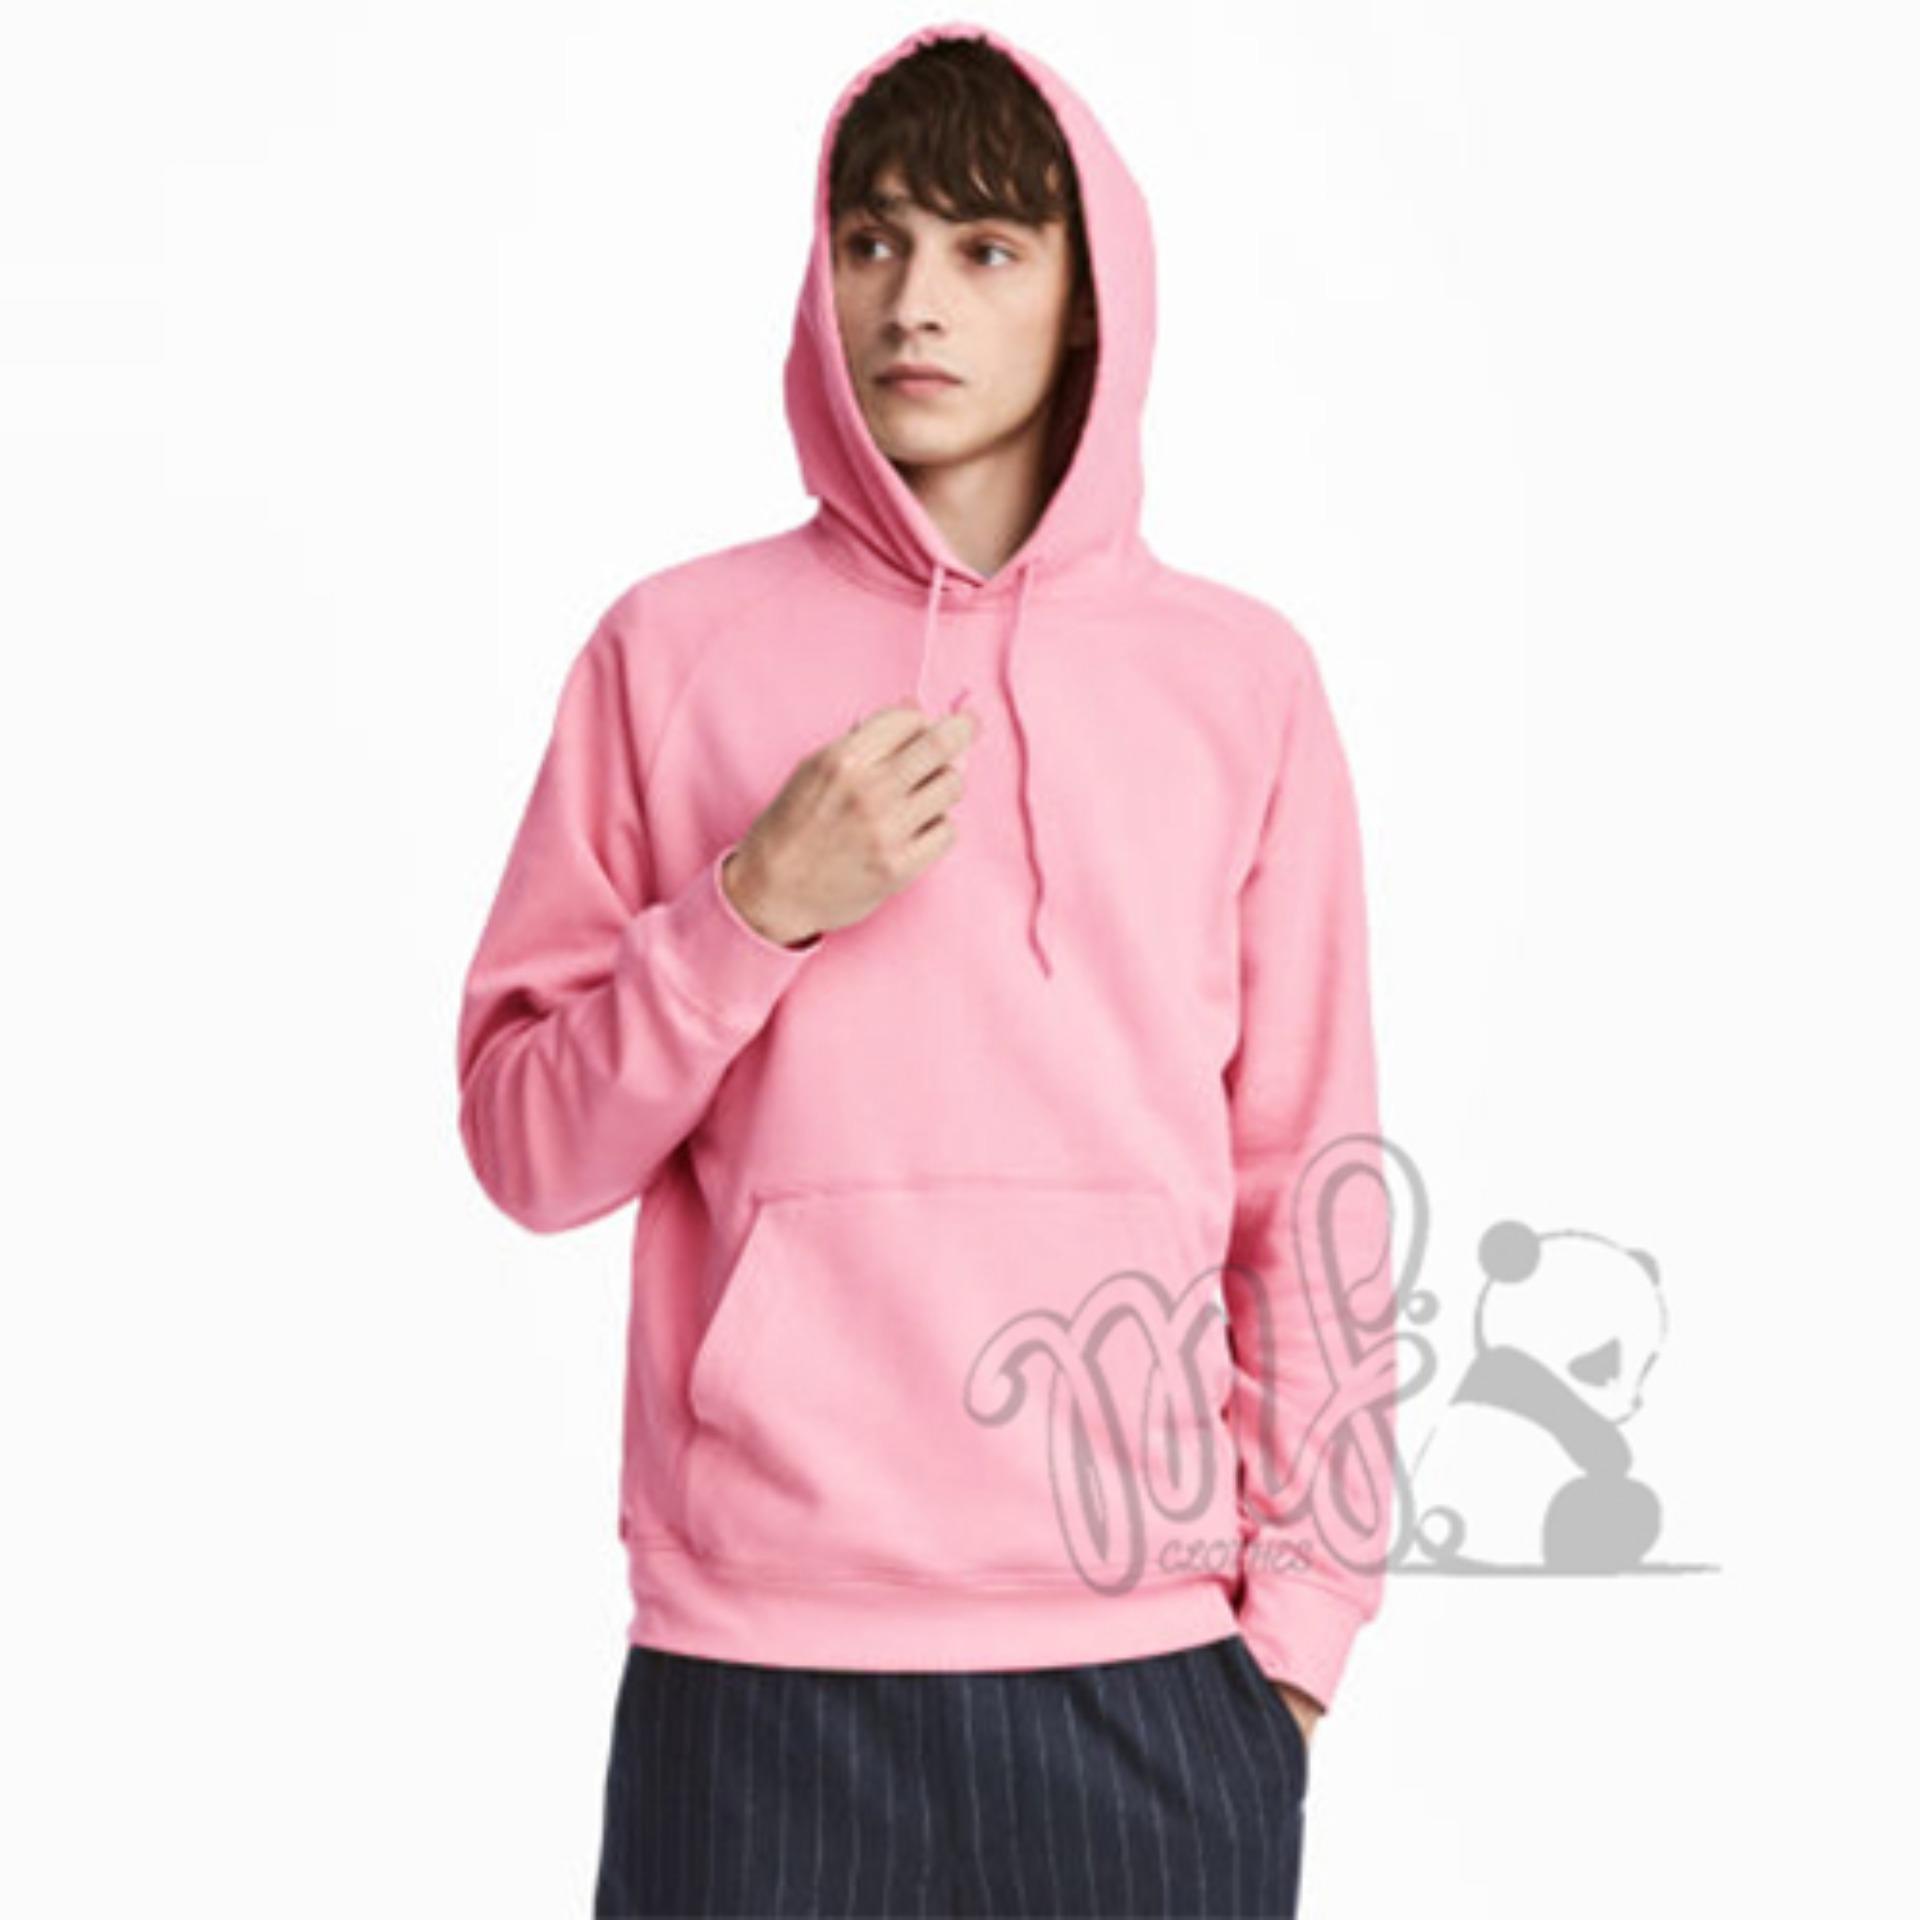 Jaket Sweater Hoodie Jumper Polos Pink Terbaru